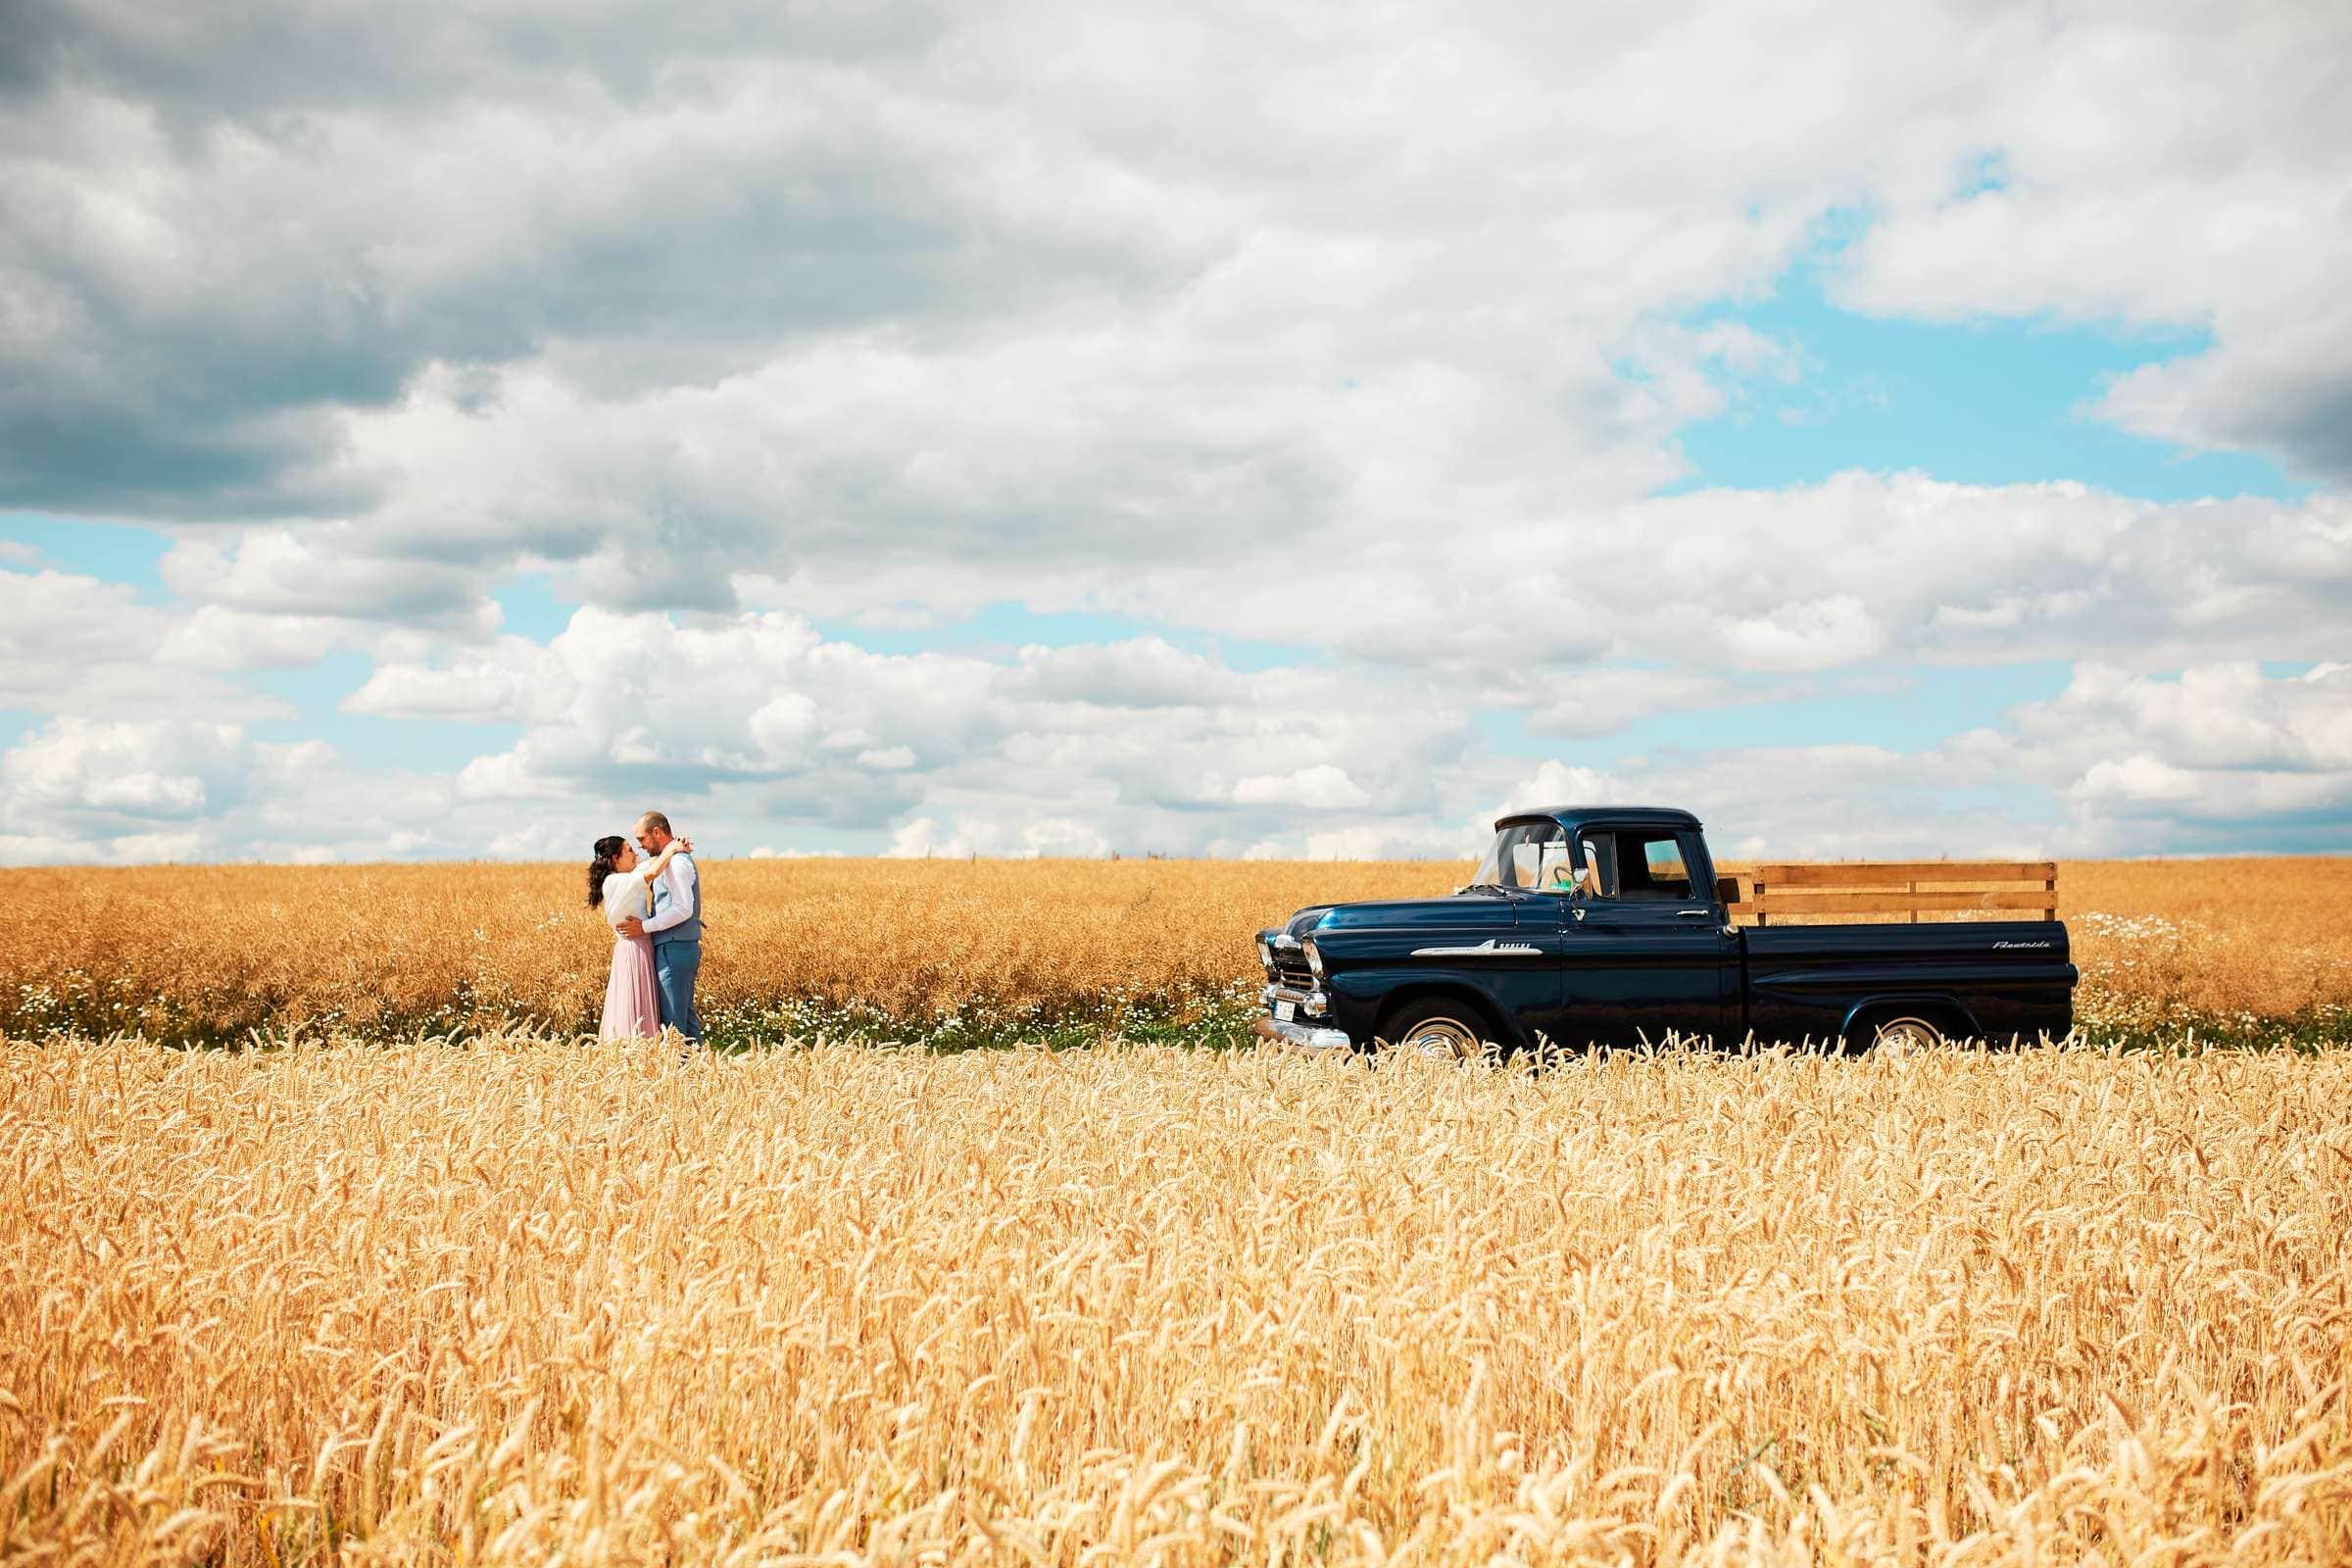 Traumhafte Hochzeitsfotos im Kornfeld mit altem Chevrolet Pickup Truck bei Bitburg.